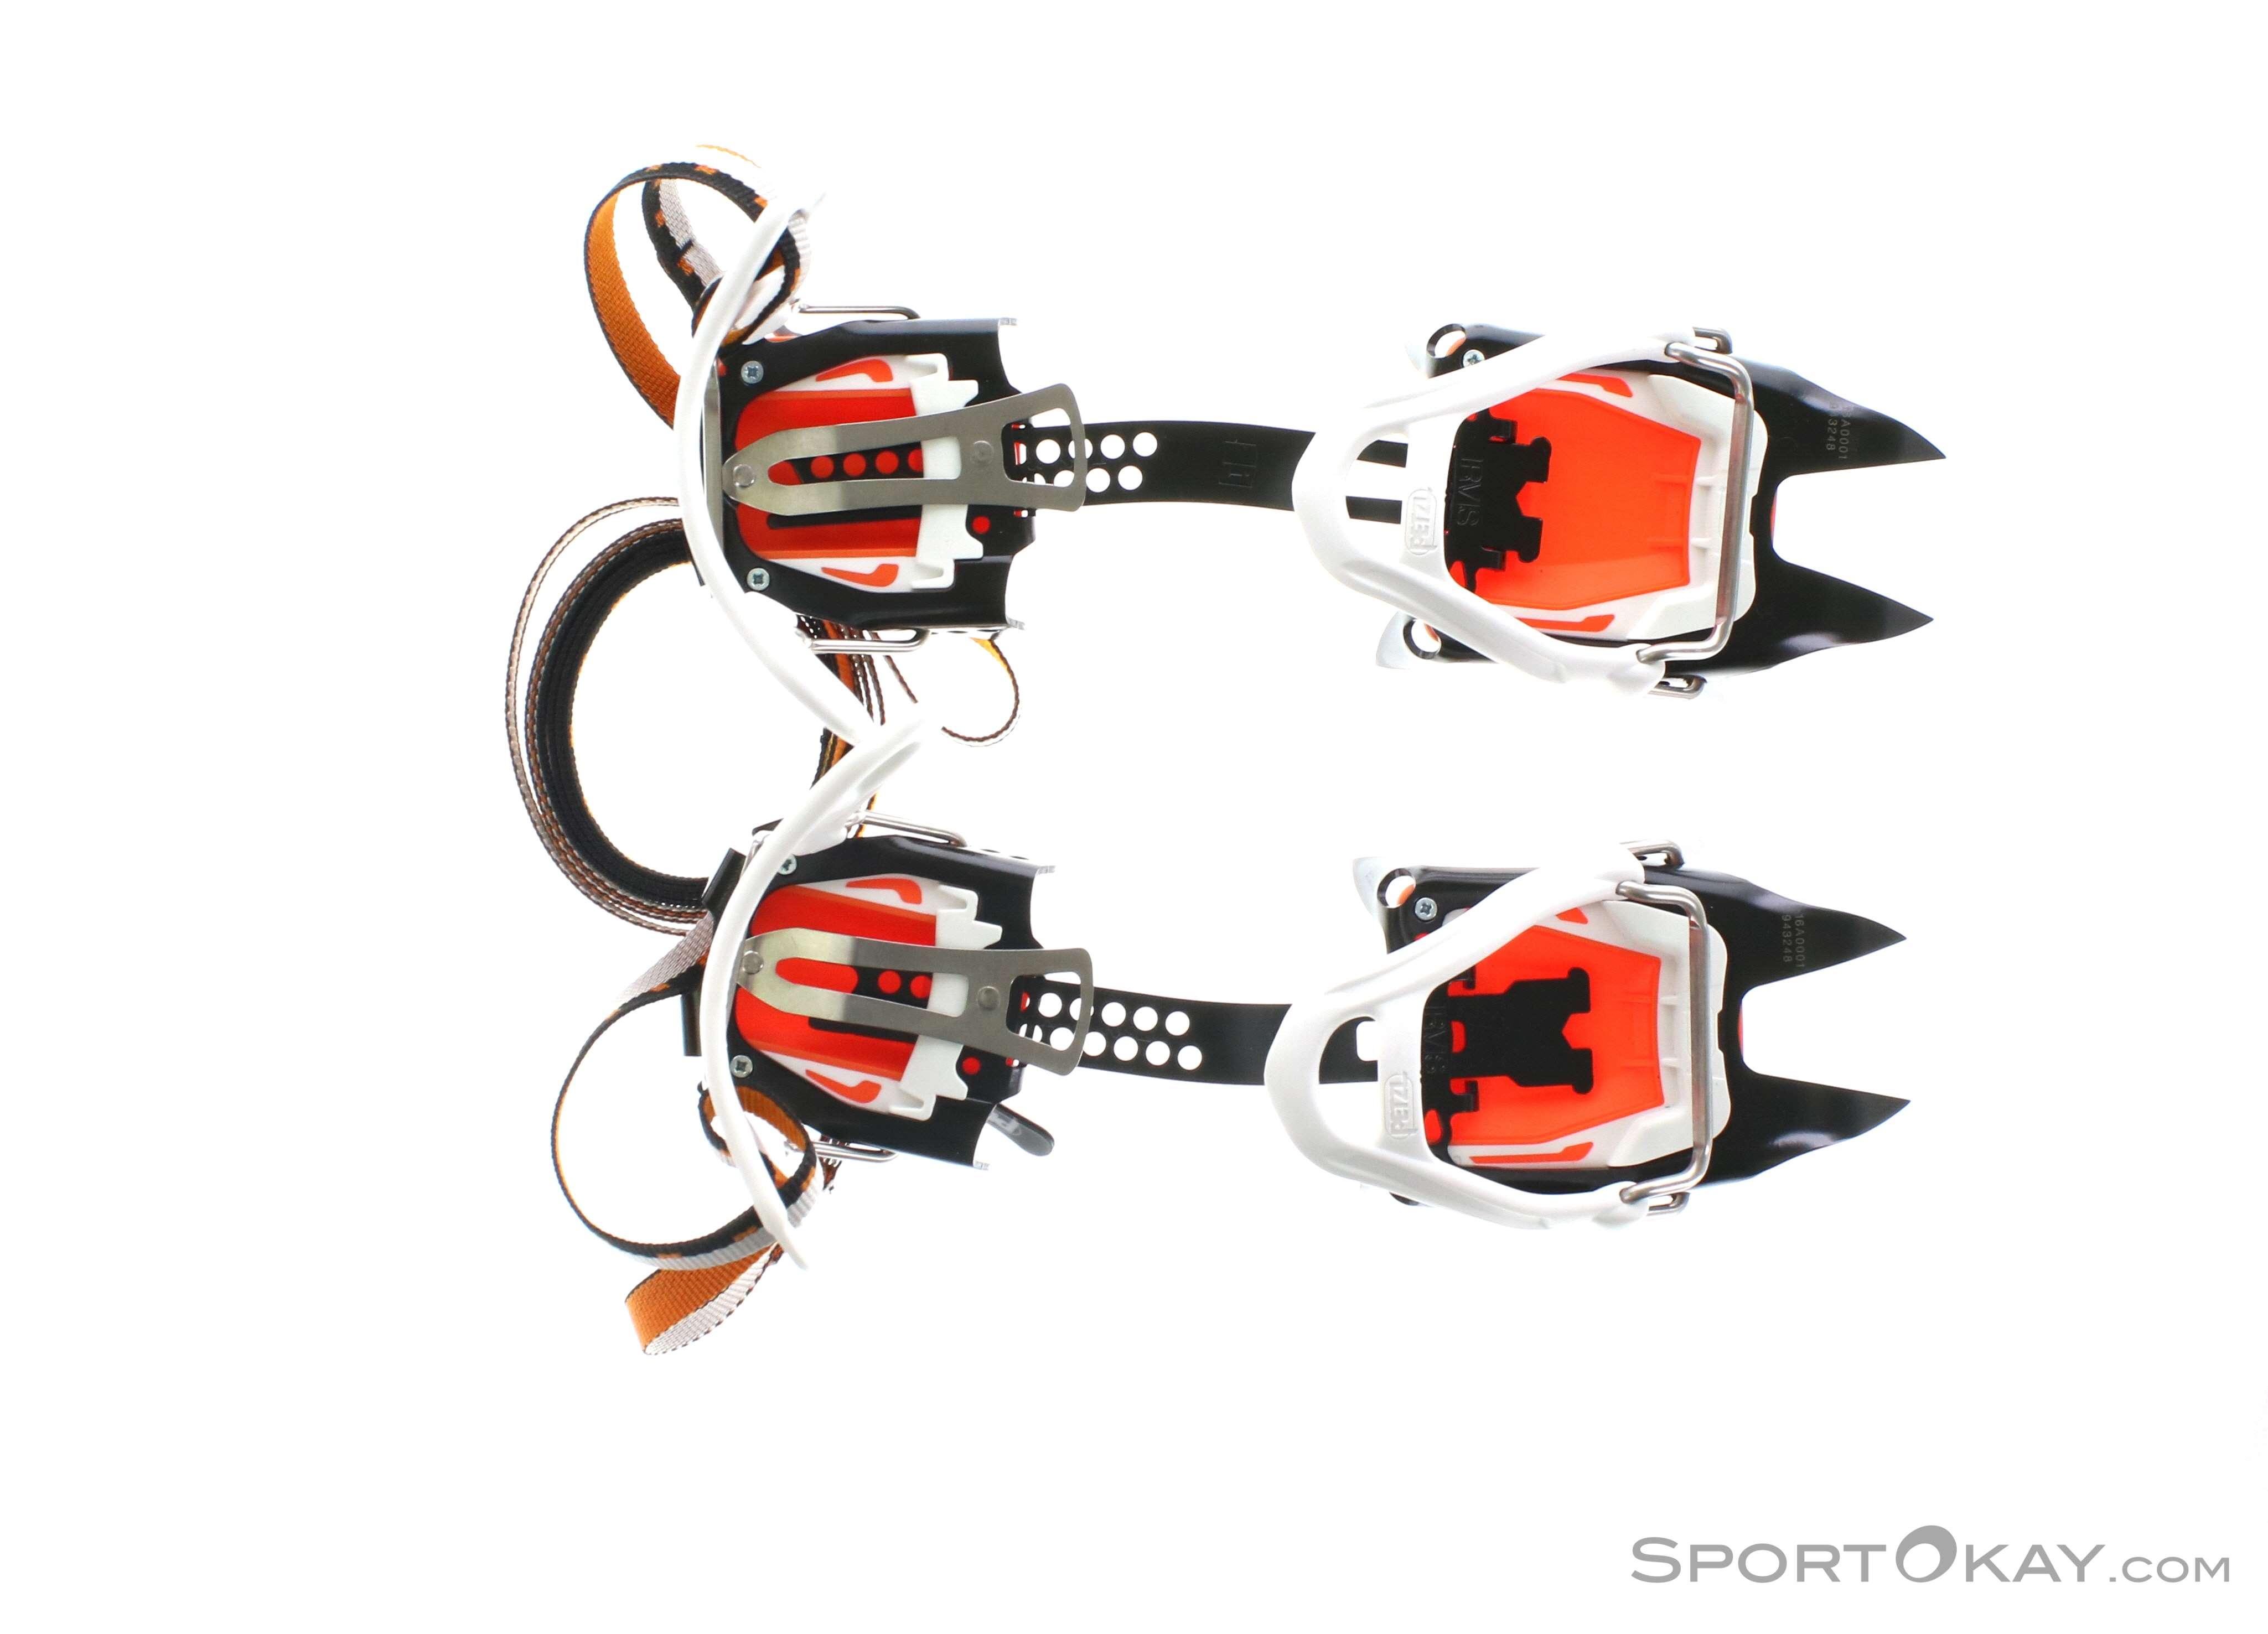 Petzl Klettergurt Light : Klettergurt für ski und hoch einfache klettertouren ul in